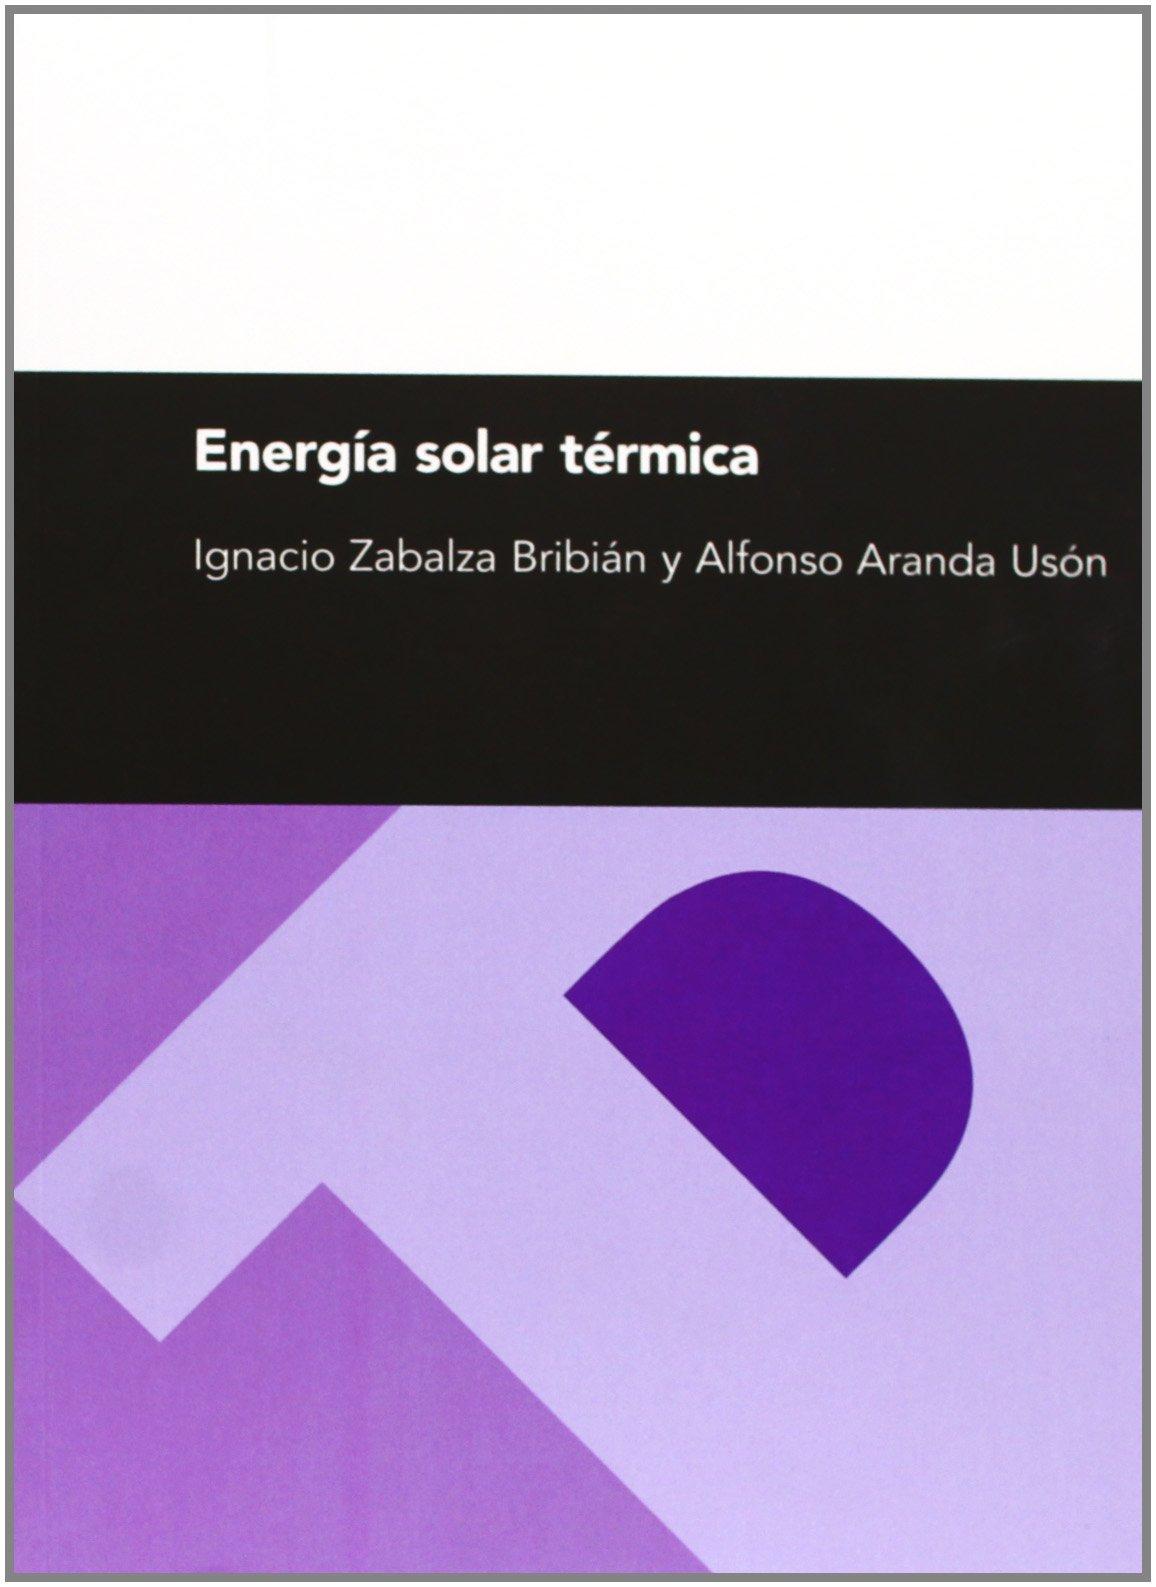 Energía solar térmica (Textos docentes)